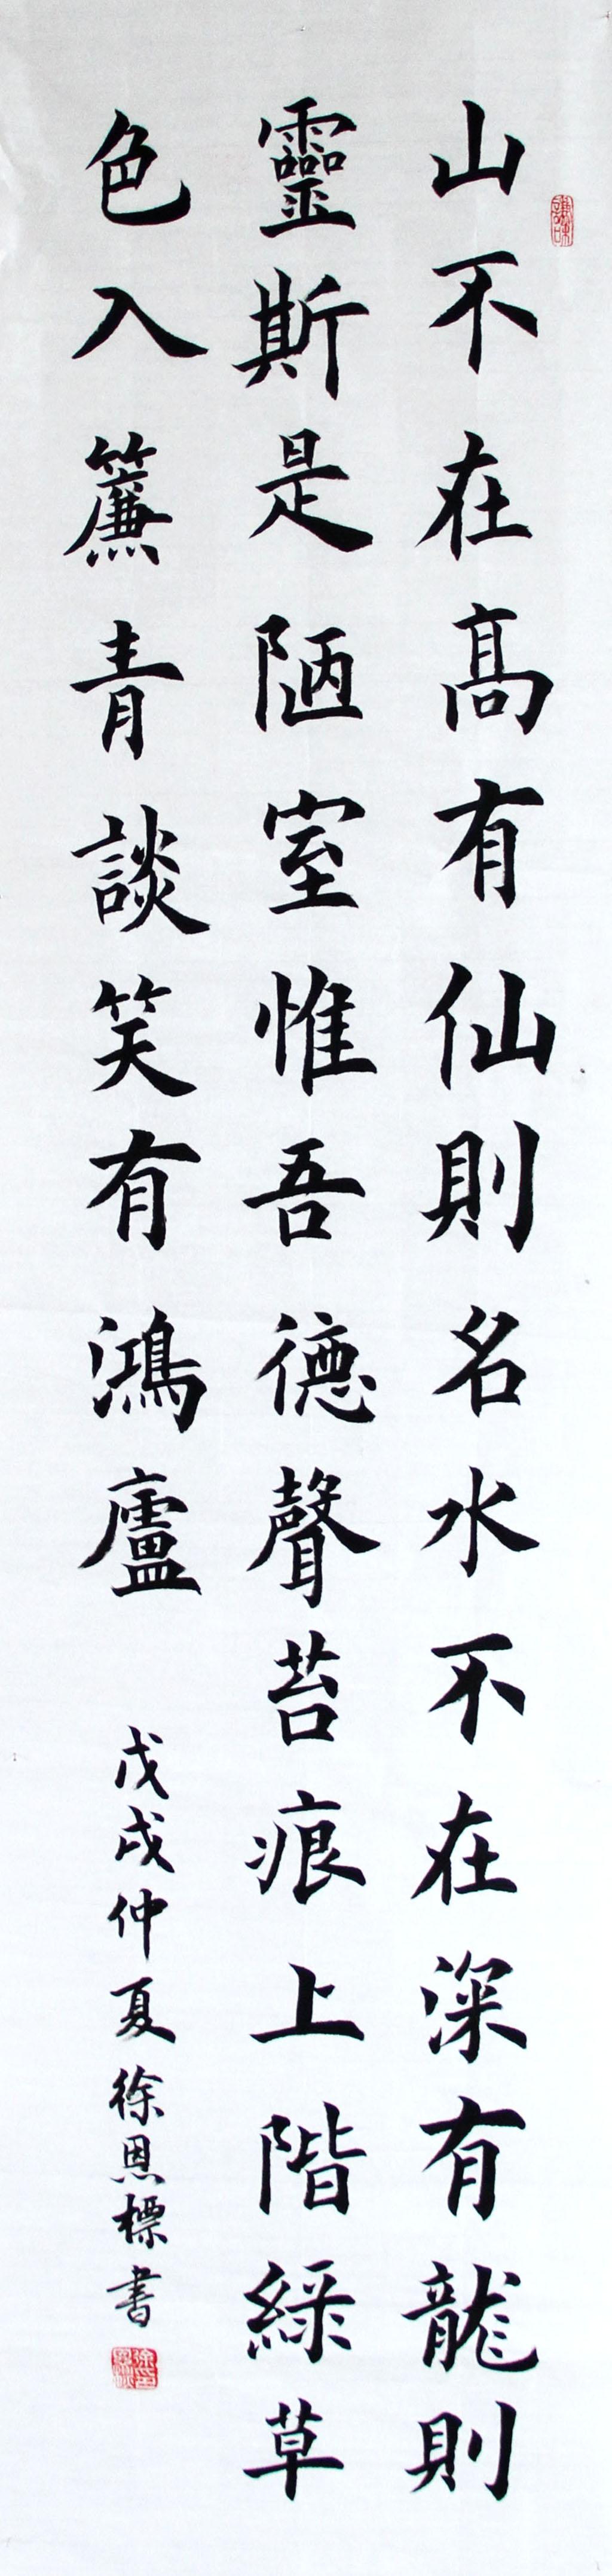 徐恩标 小学高年级组一等奖